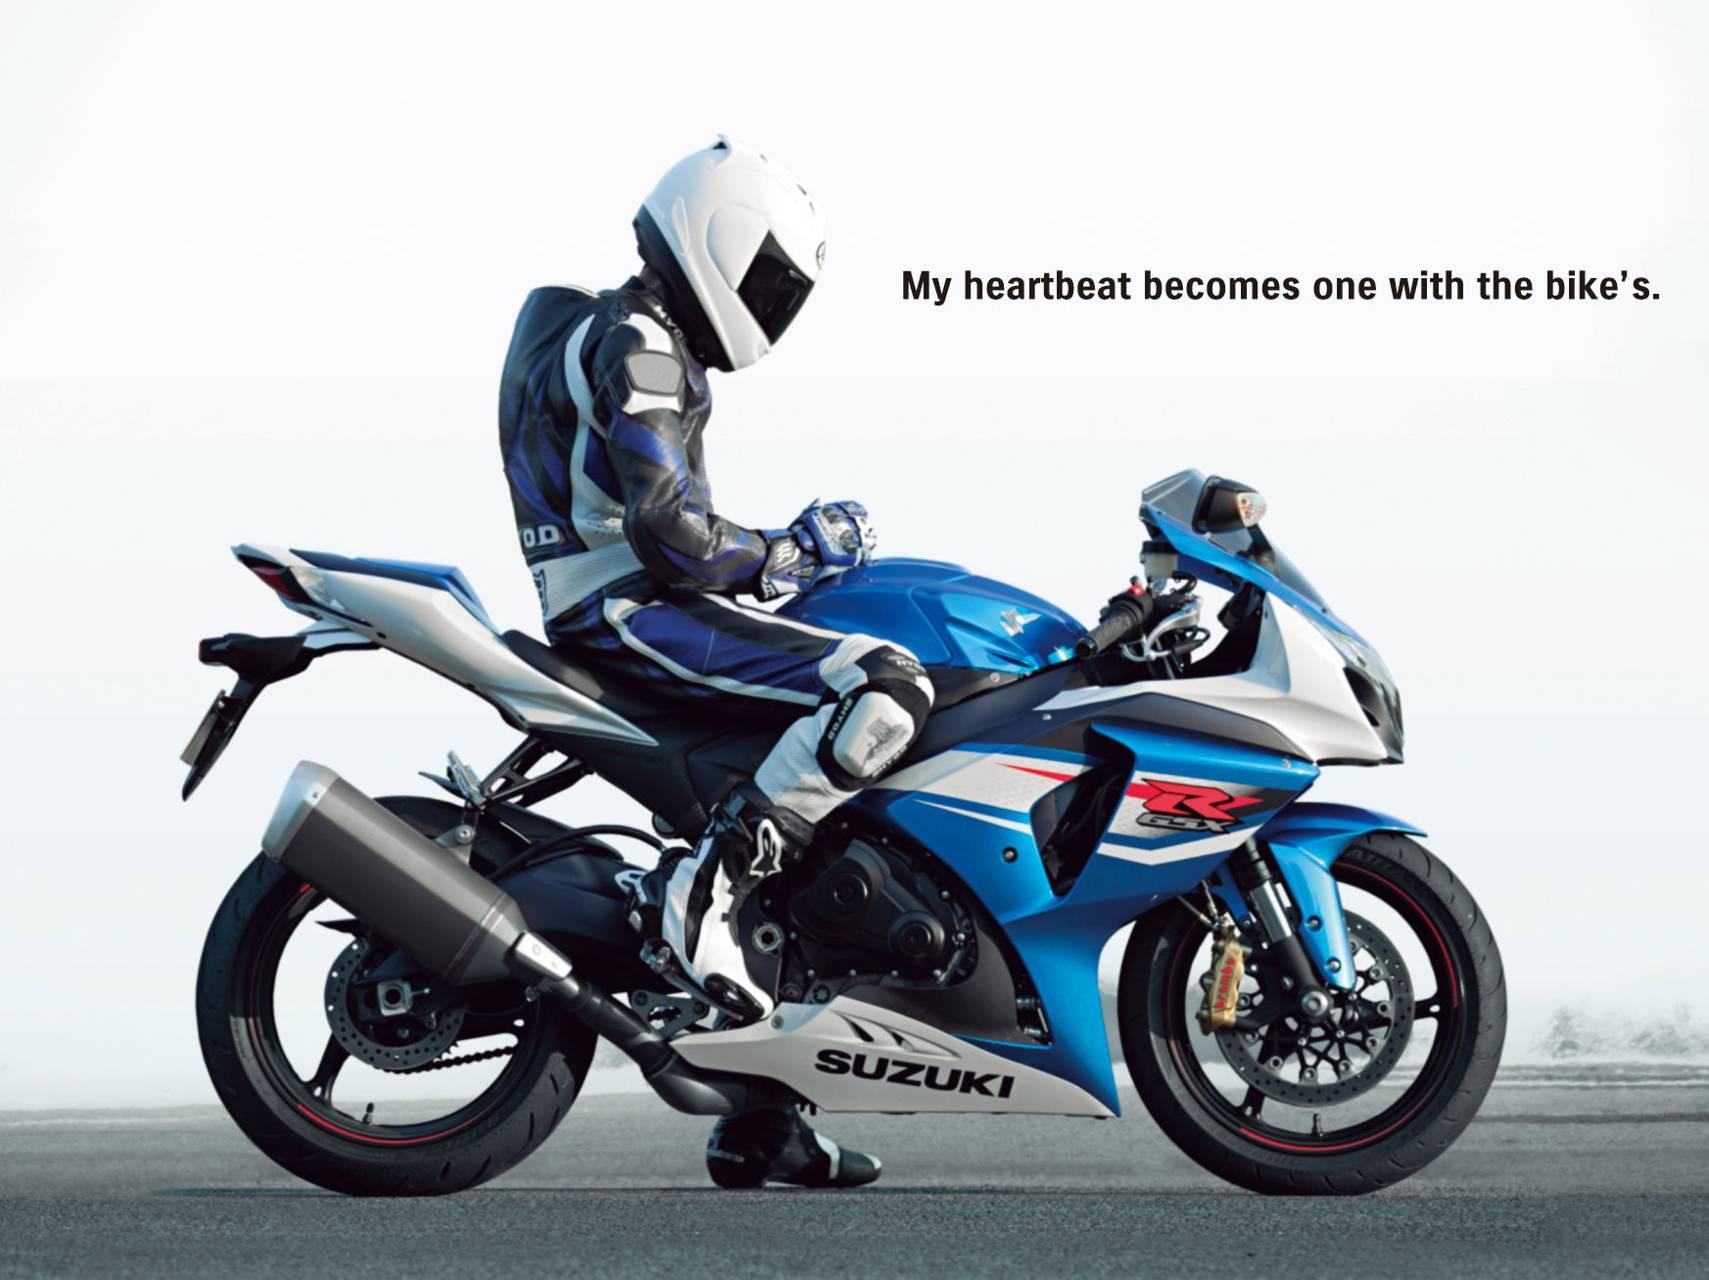 GSXR 1000 Heartbeat